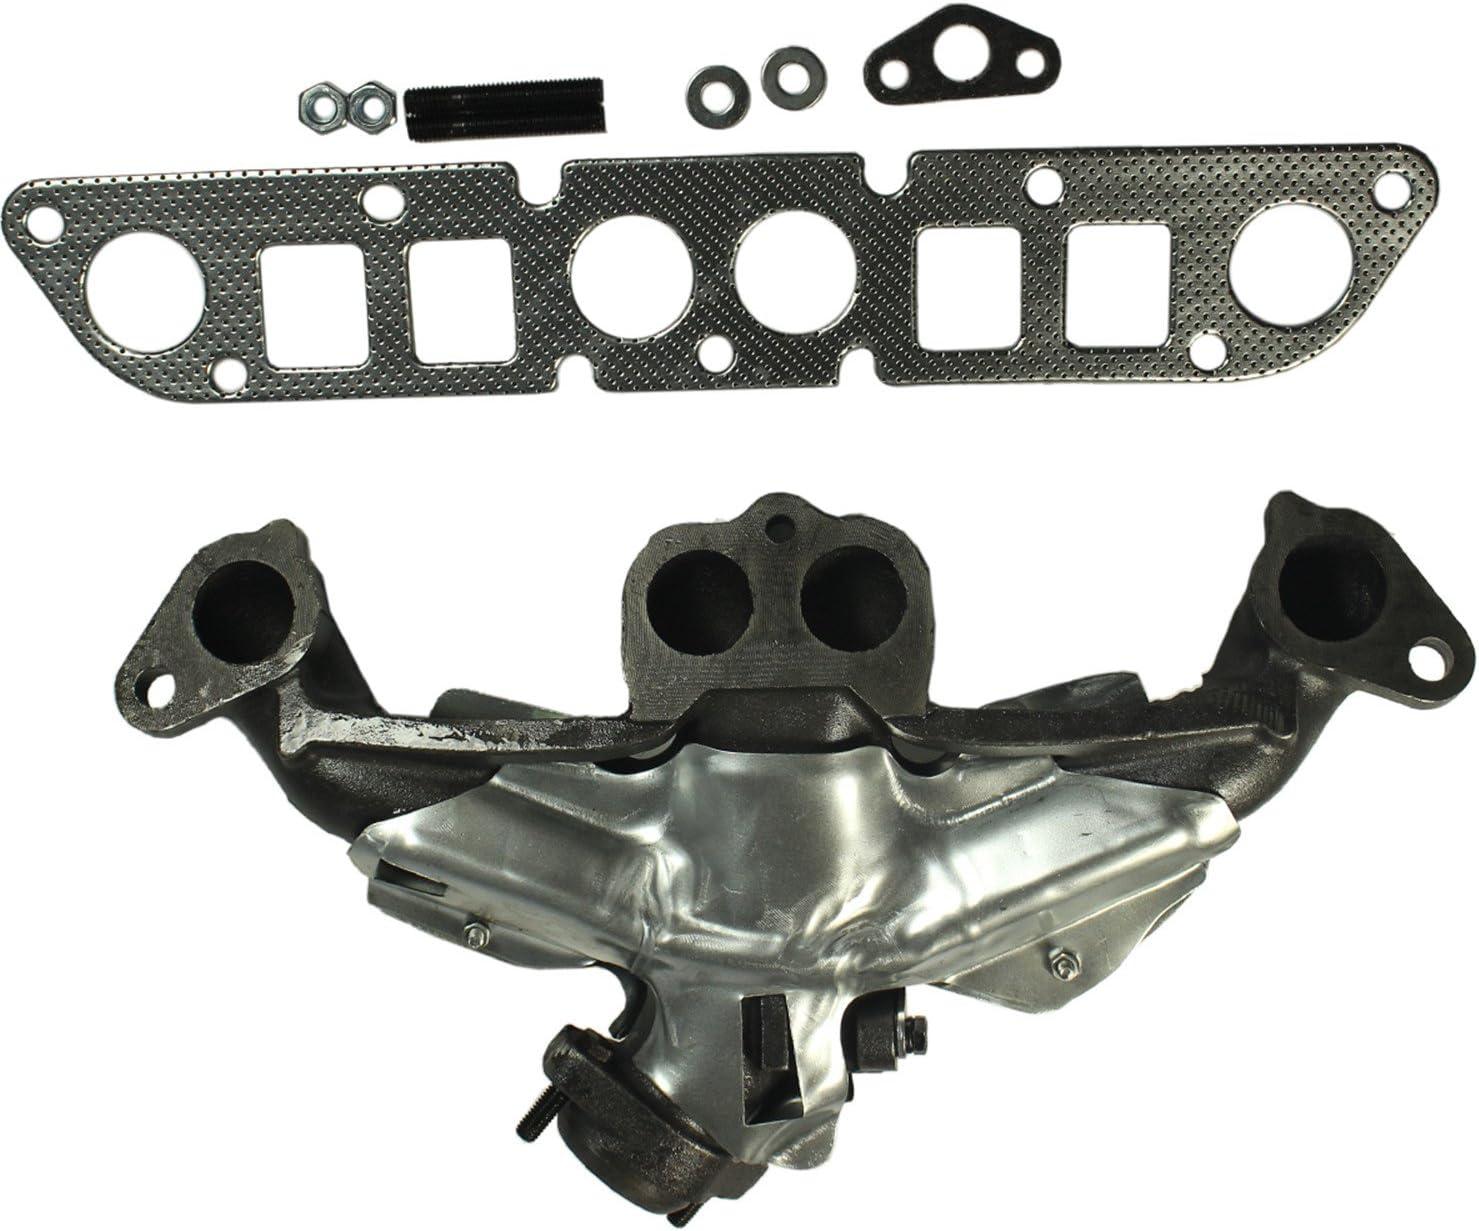 Exhaust Manifold /& Gasket Kit for Cherokee Dakota Truck Wrangler 2.5L Cast Iron